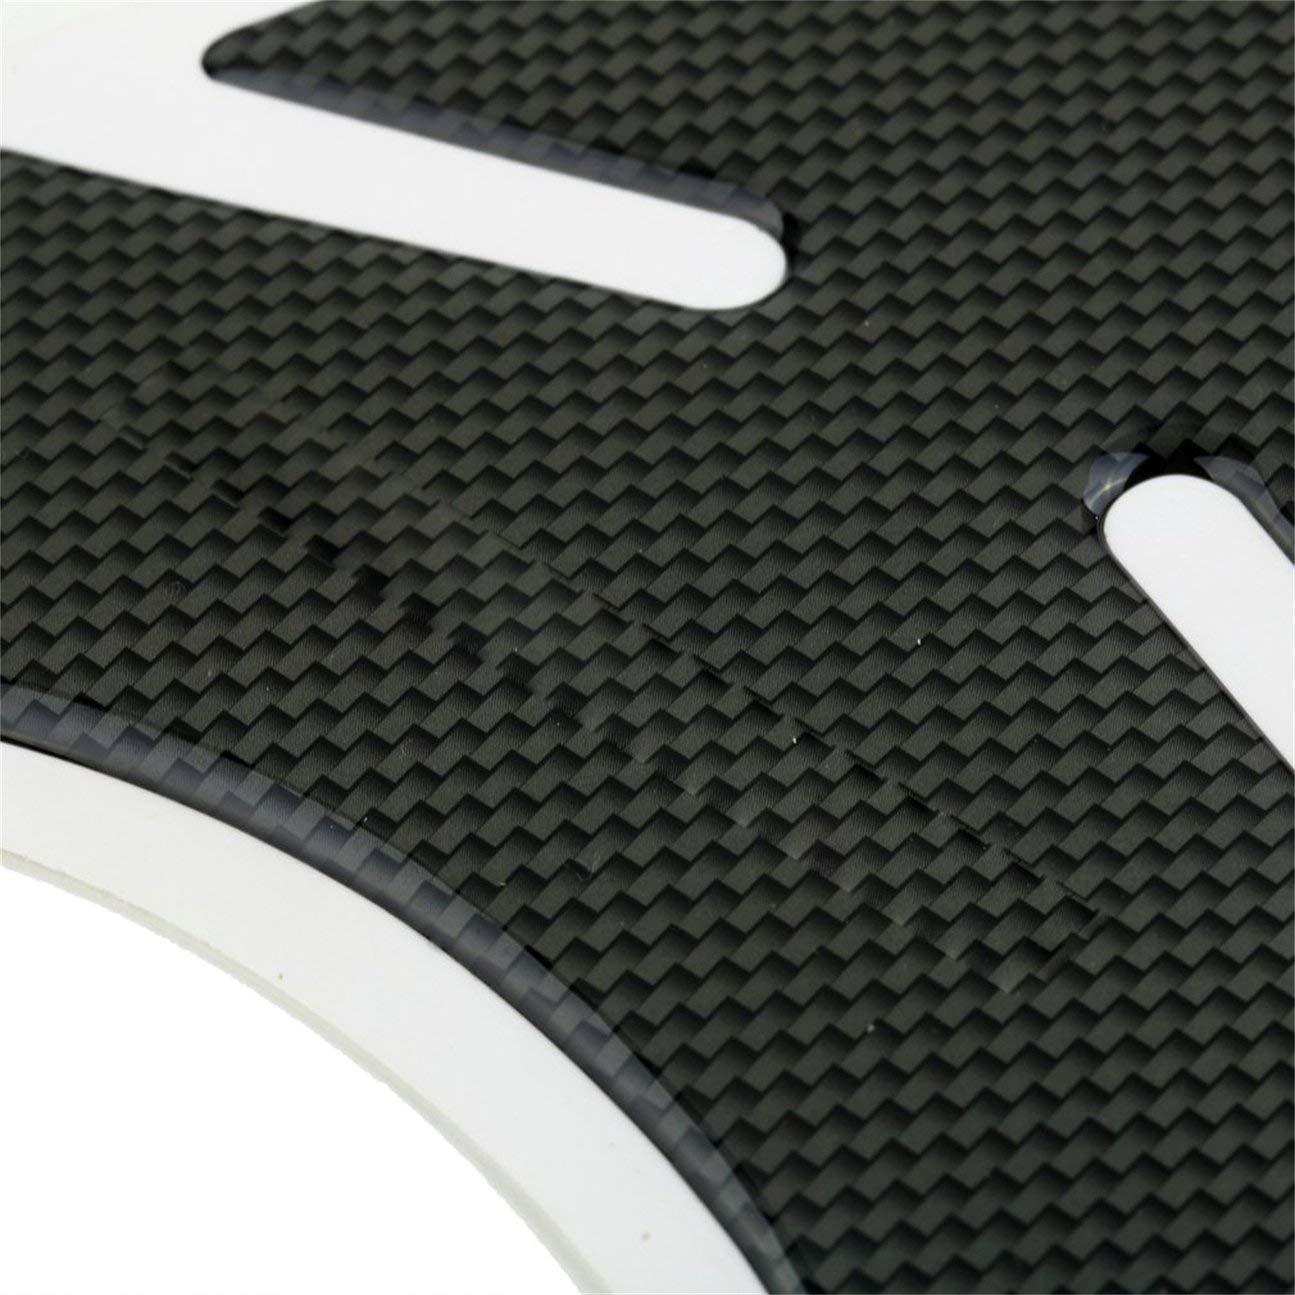 5cm Accessori del veicolo dellautomobile Mach Autoadesivo impermeabile del carro armato CBR 600 1000 del carro armato della fibra di carbonio dellautomobile per la motocicletta di Honda 19